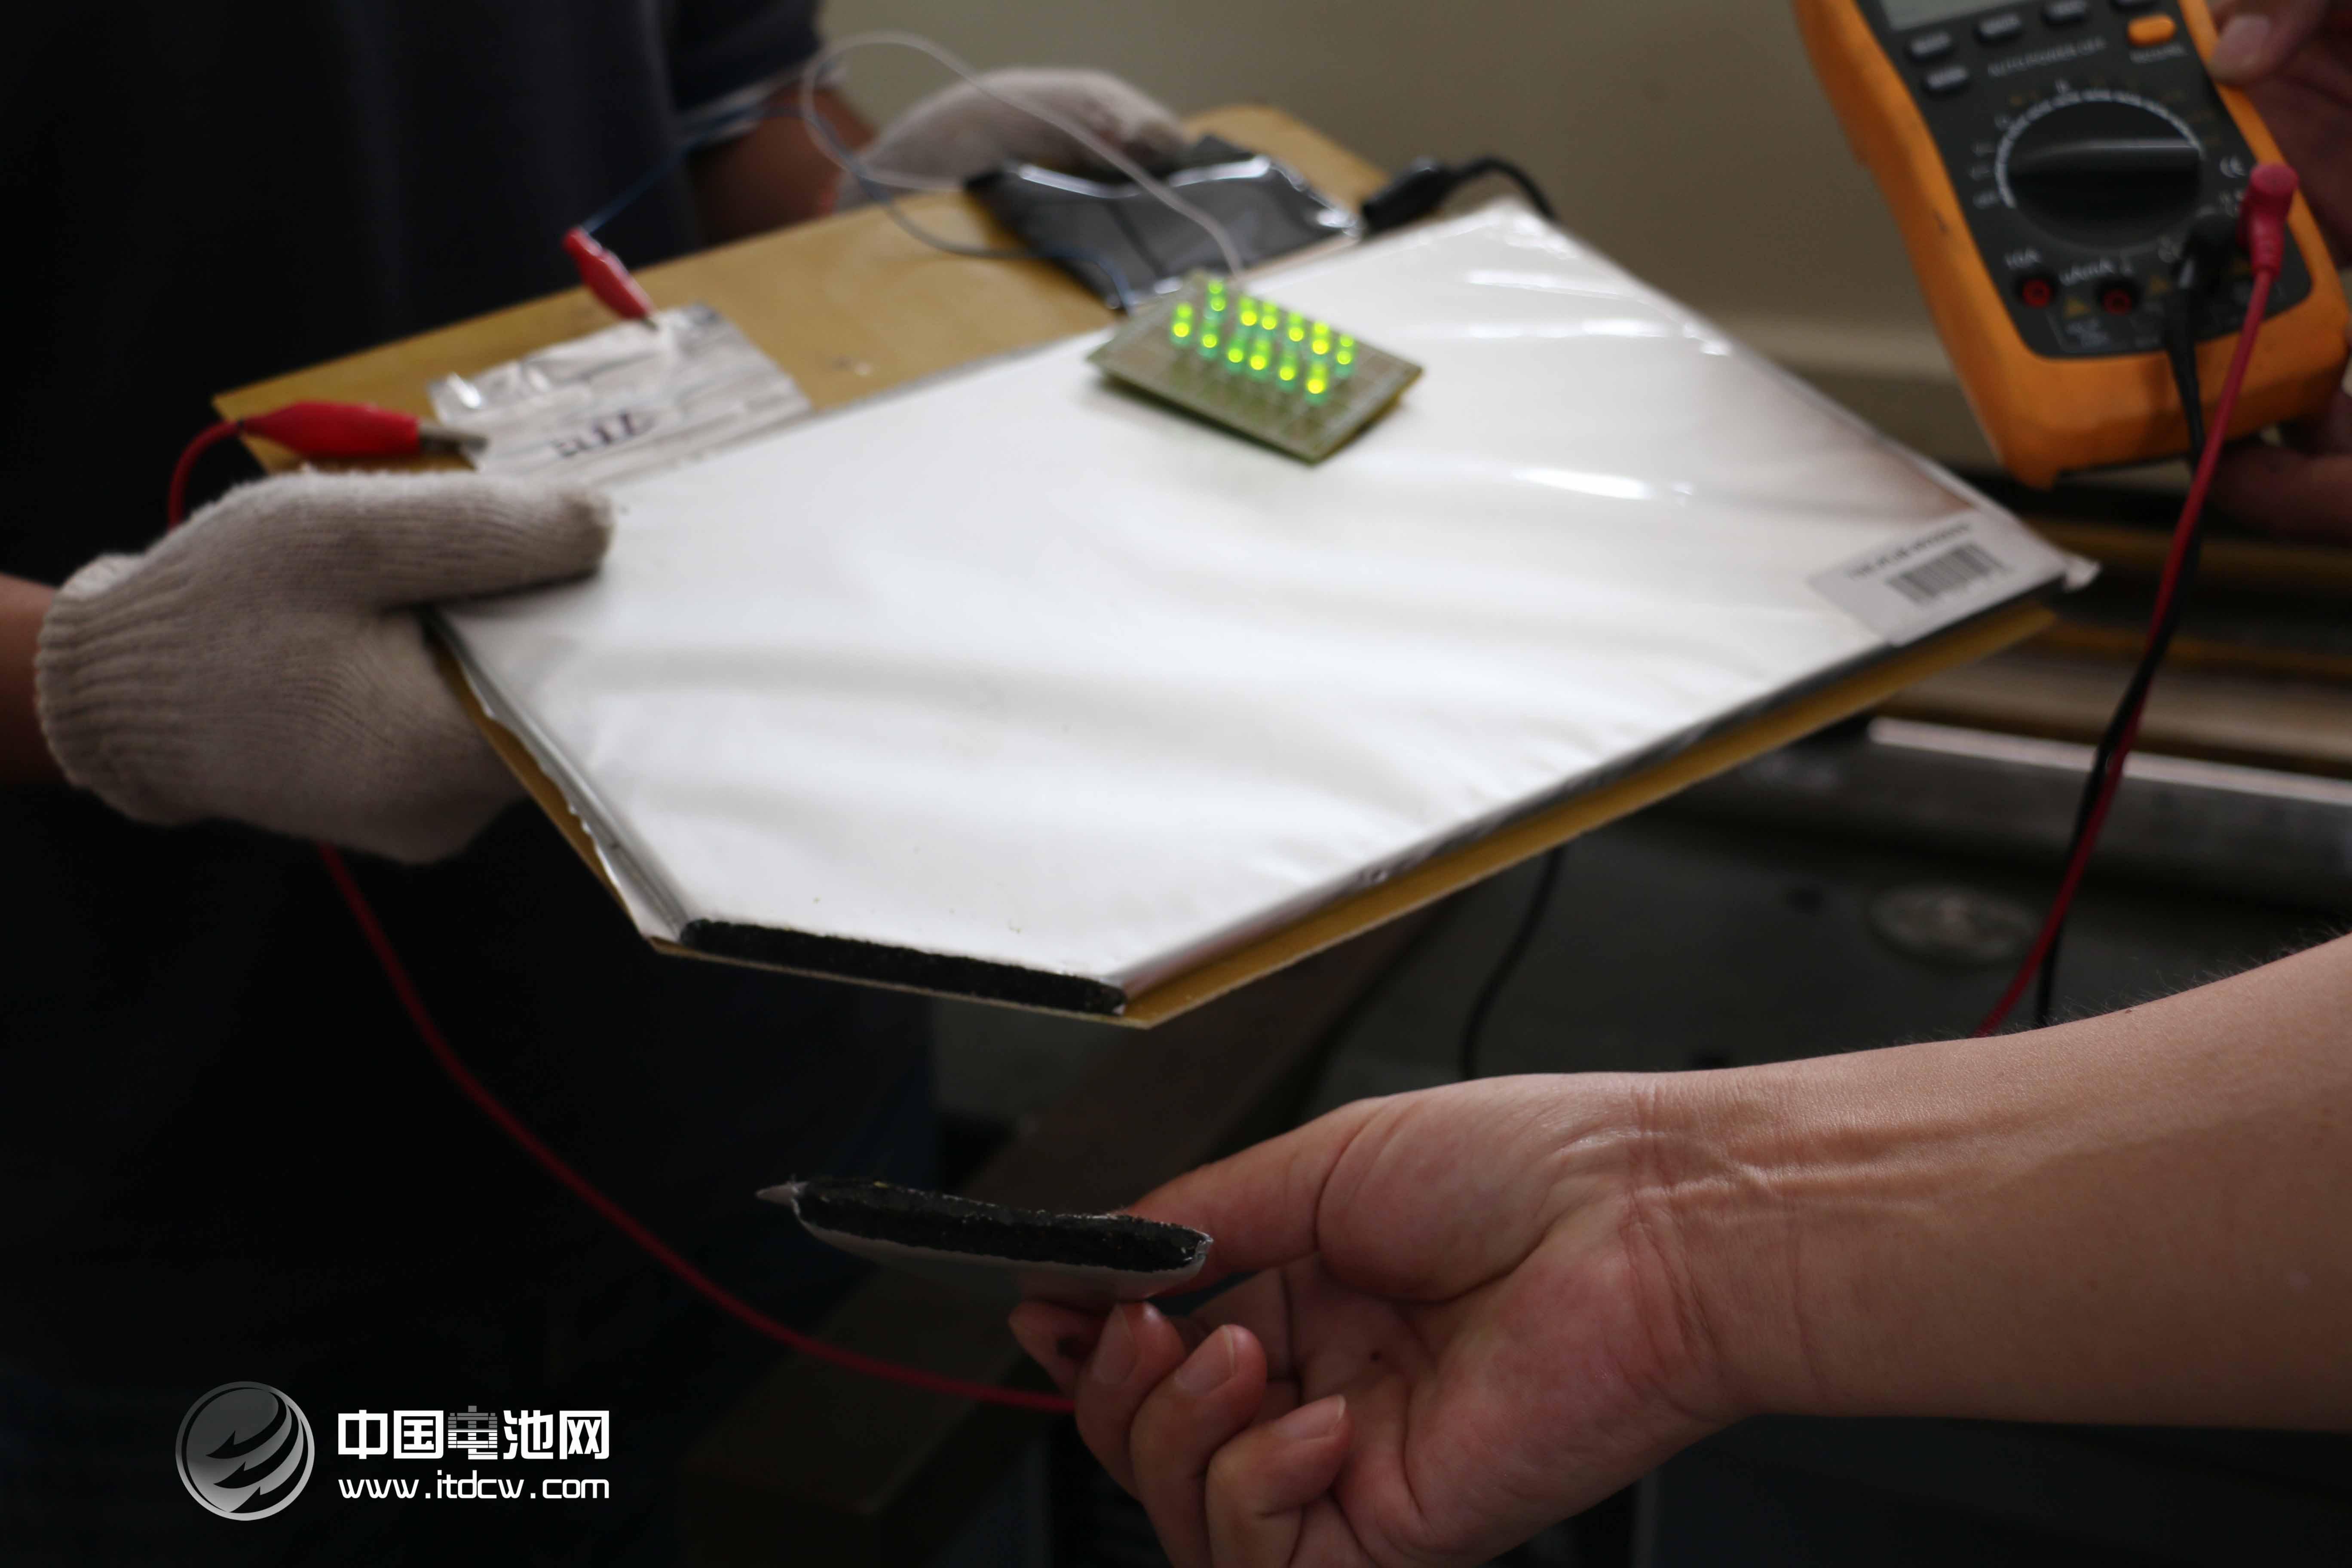 固态电池的冲击 钴锂企业方向何在?